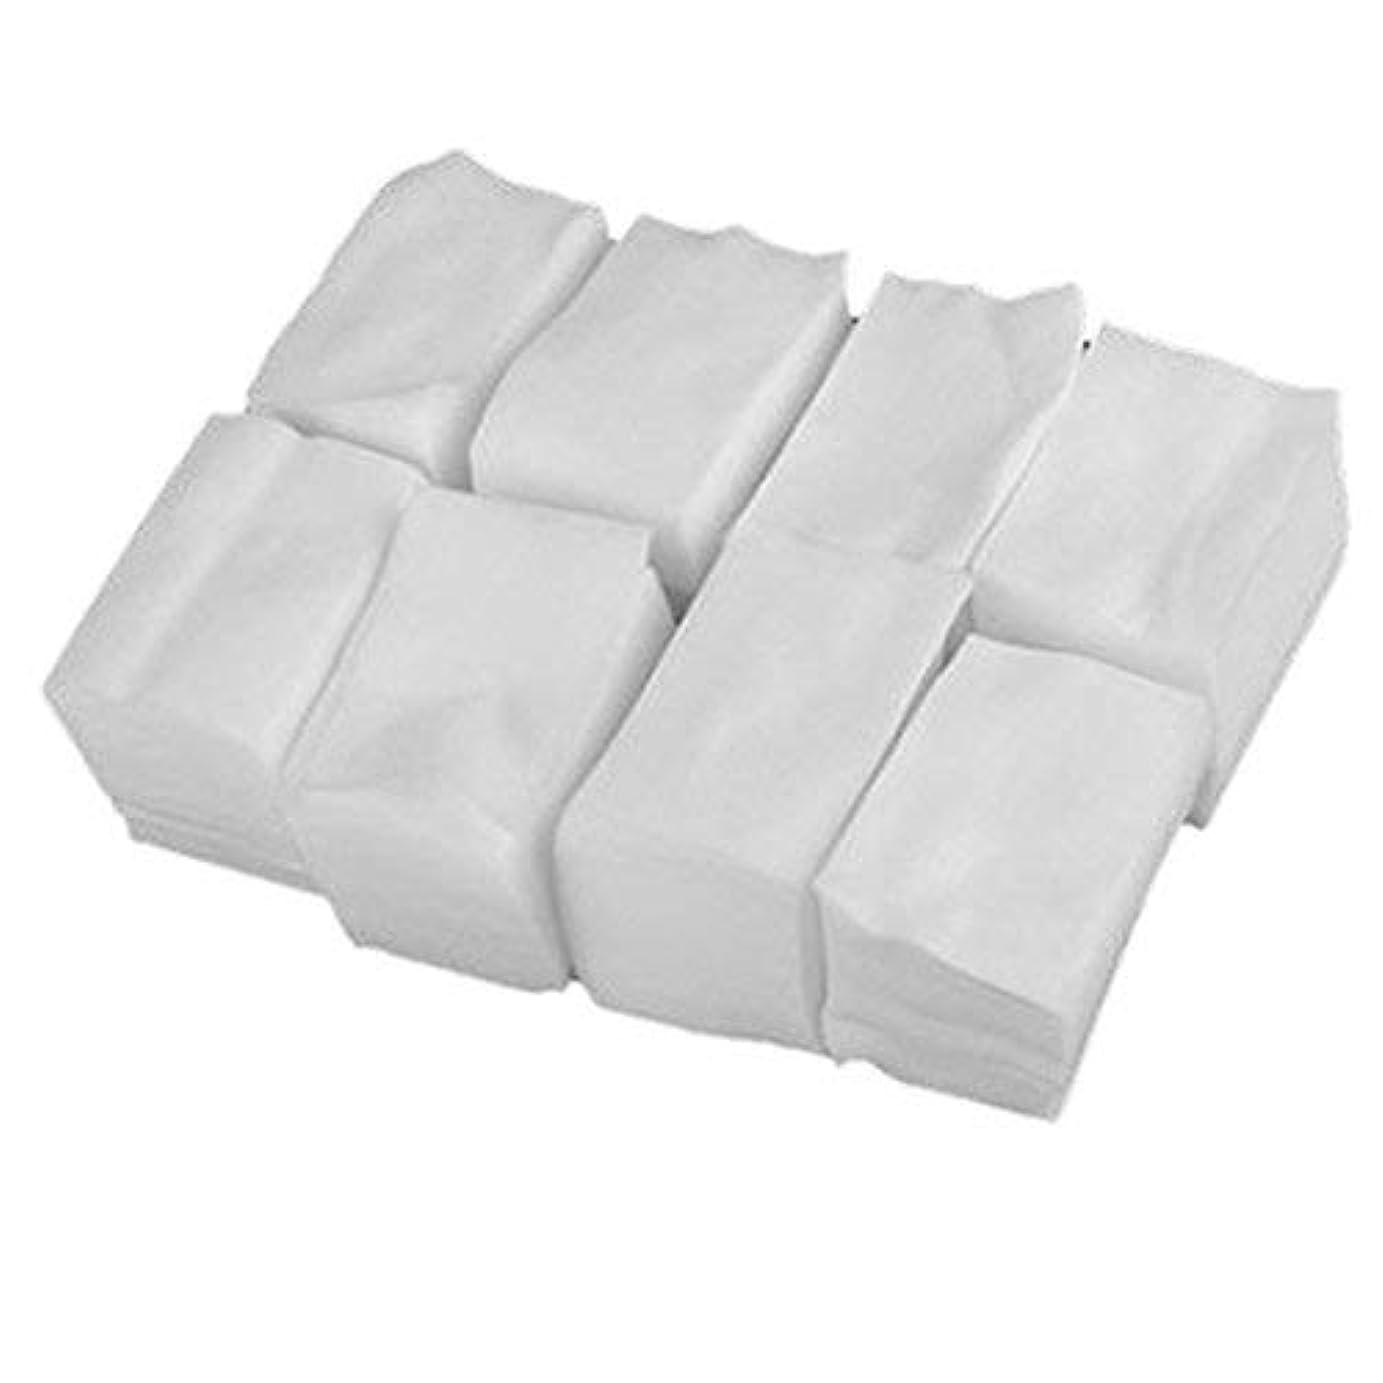 パック閉塞野な1st market プレミアム 人気 900x白いリントフリーネイルアート ワイプ紙パッド ゲルアクリルのヒント ポリッシュリムーバークリーナー(6cm x 5cm) 便利